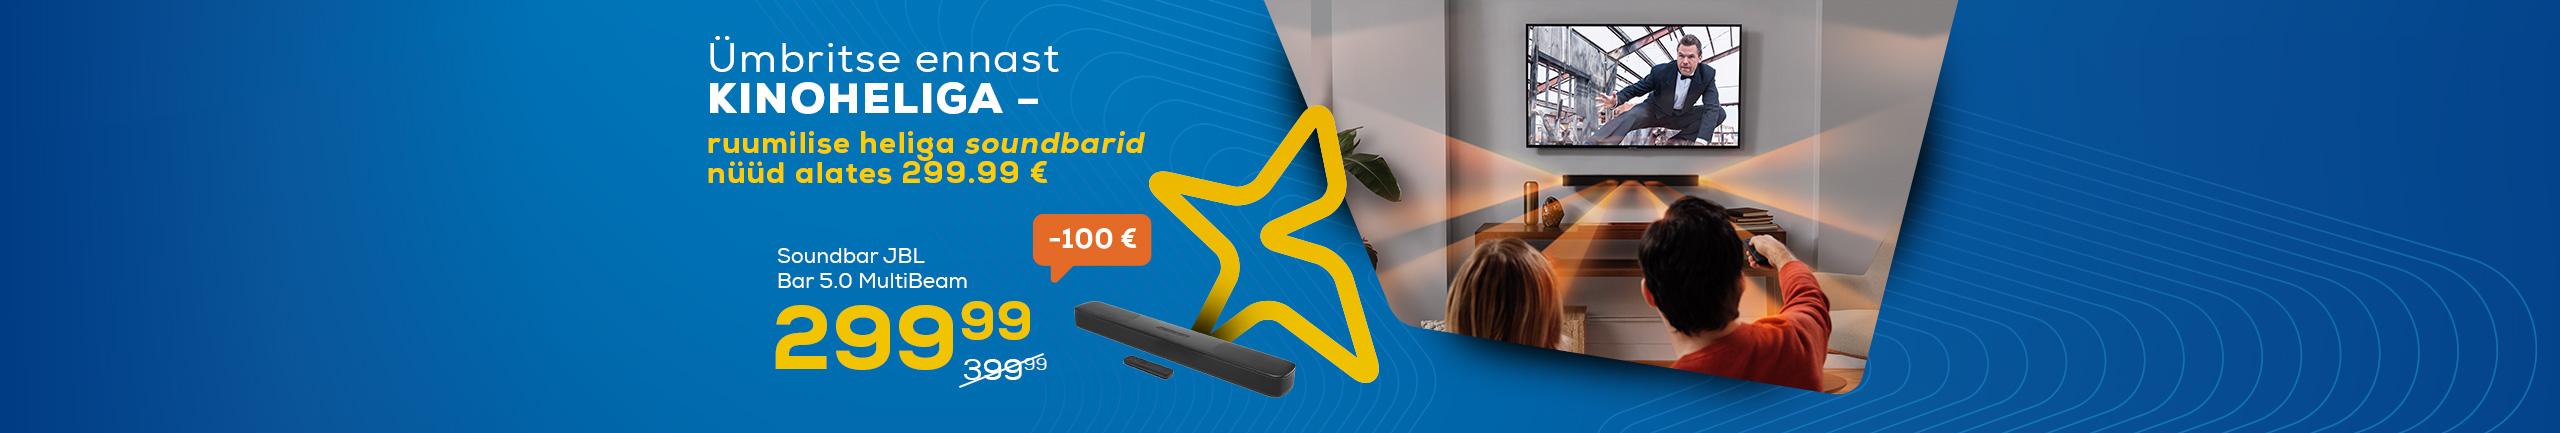 Surround soundbarid nüüd alates 299.99€!